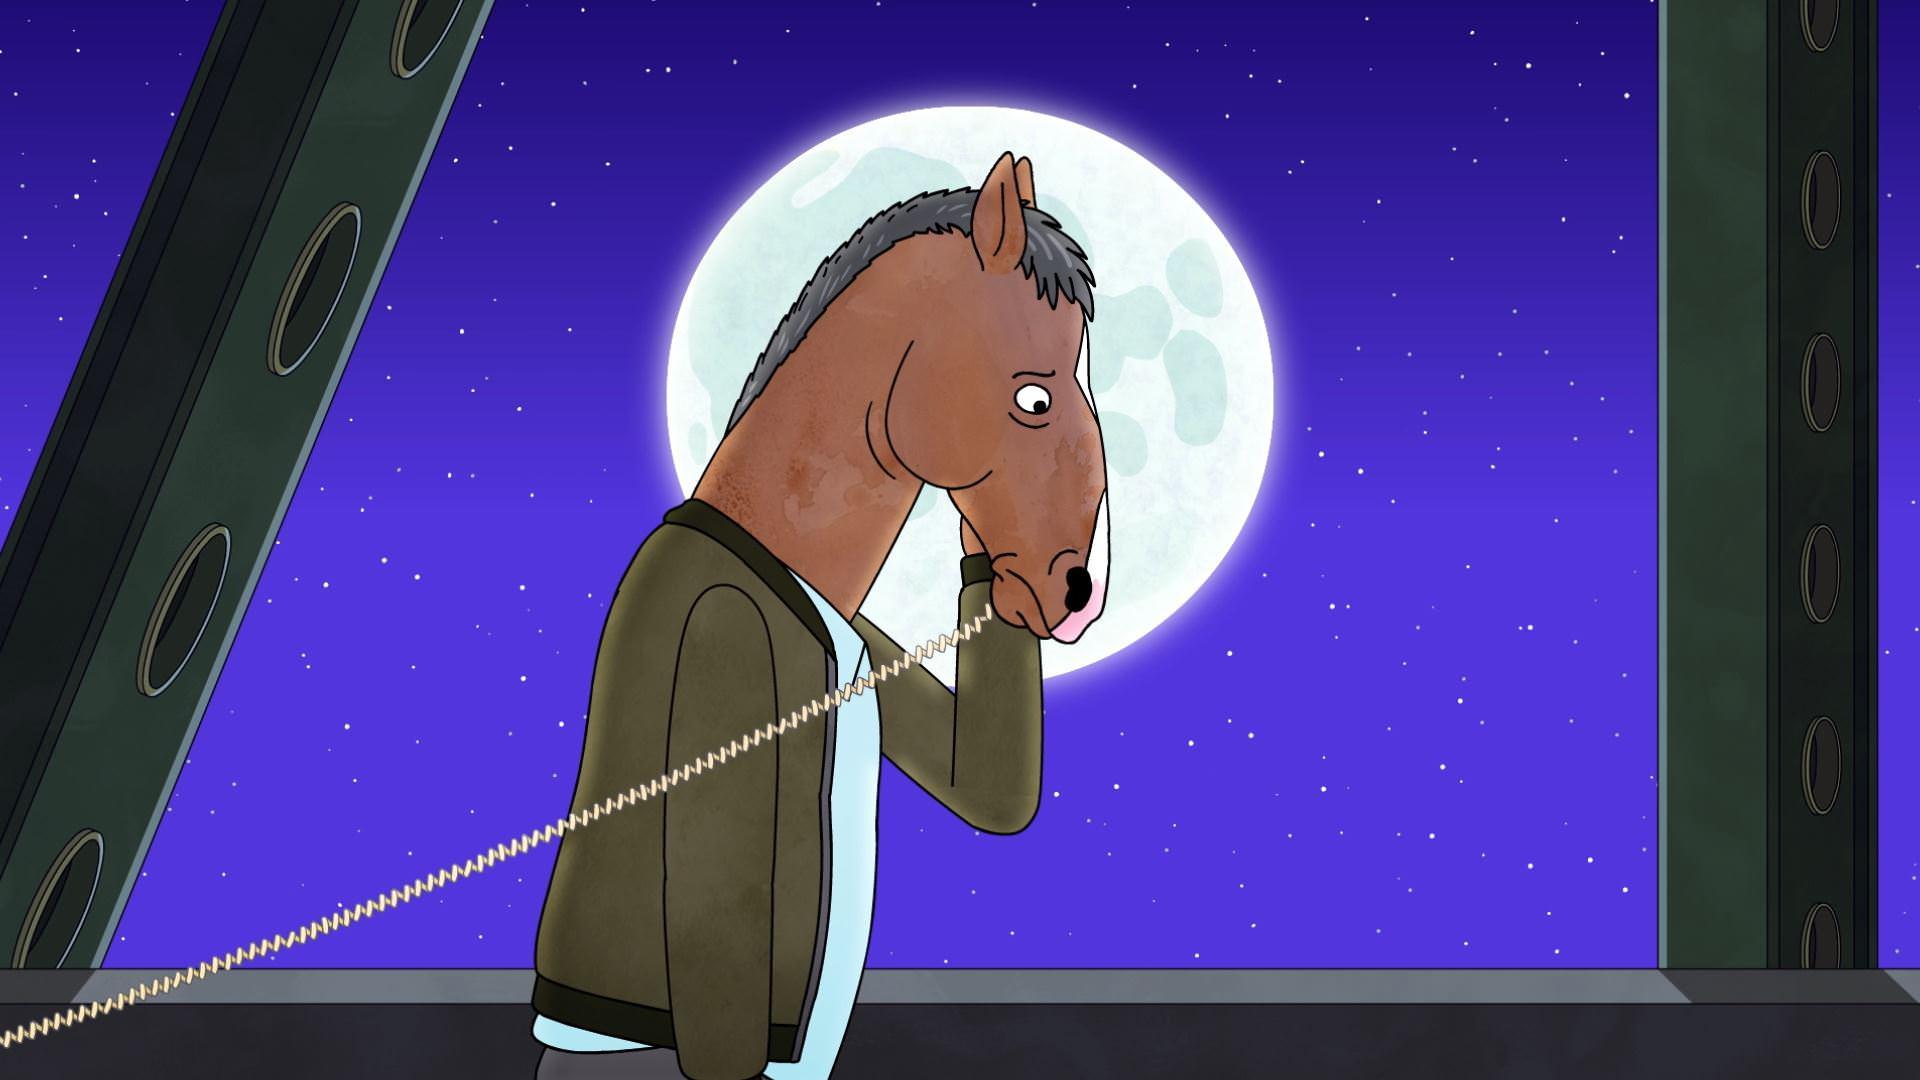 نقد سریال BoJack Horseman | هشت قسمت دوم فصل آخر